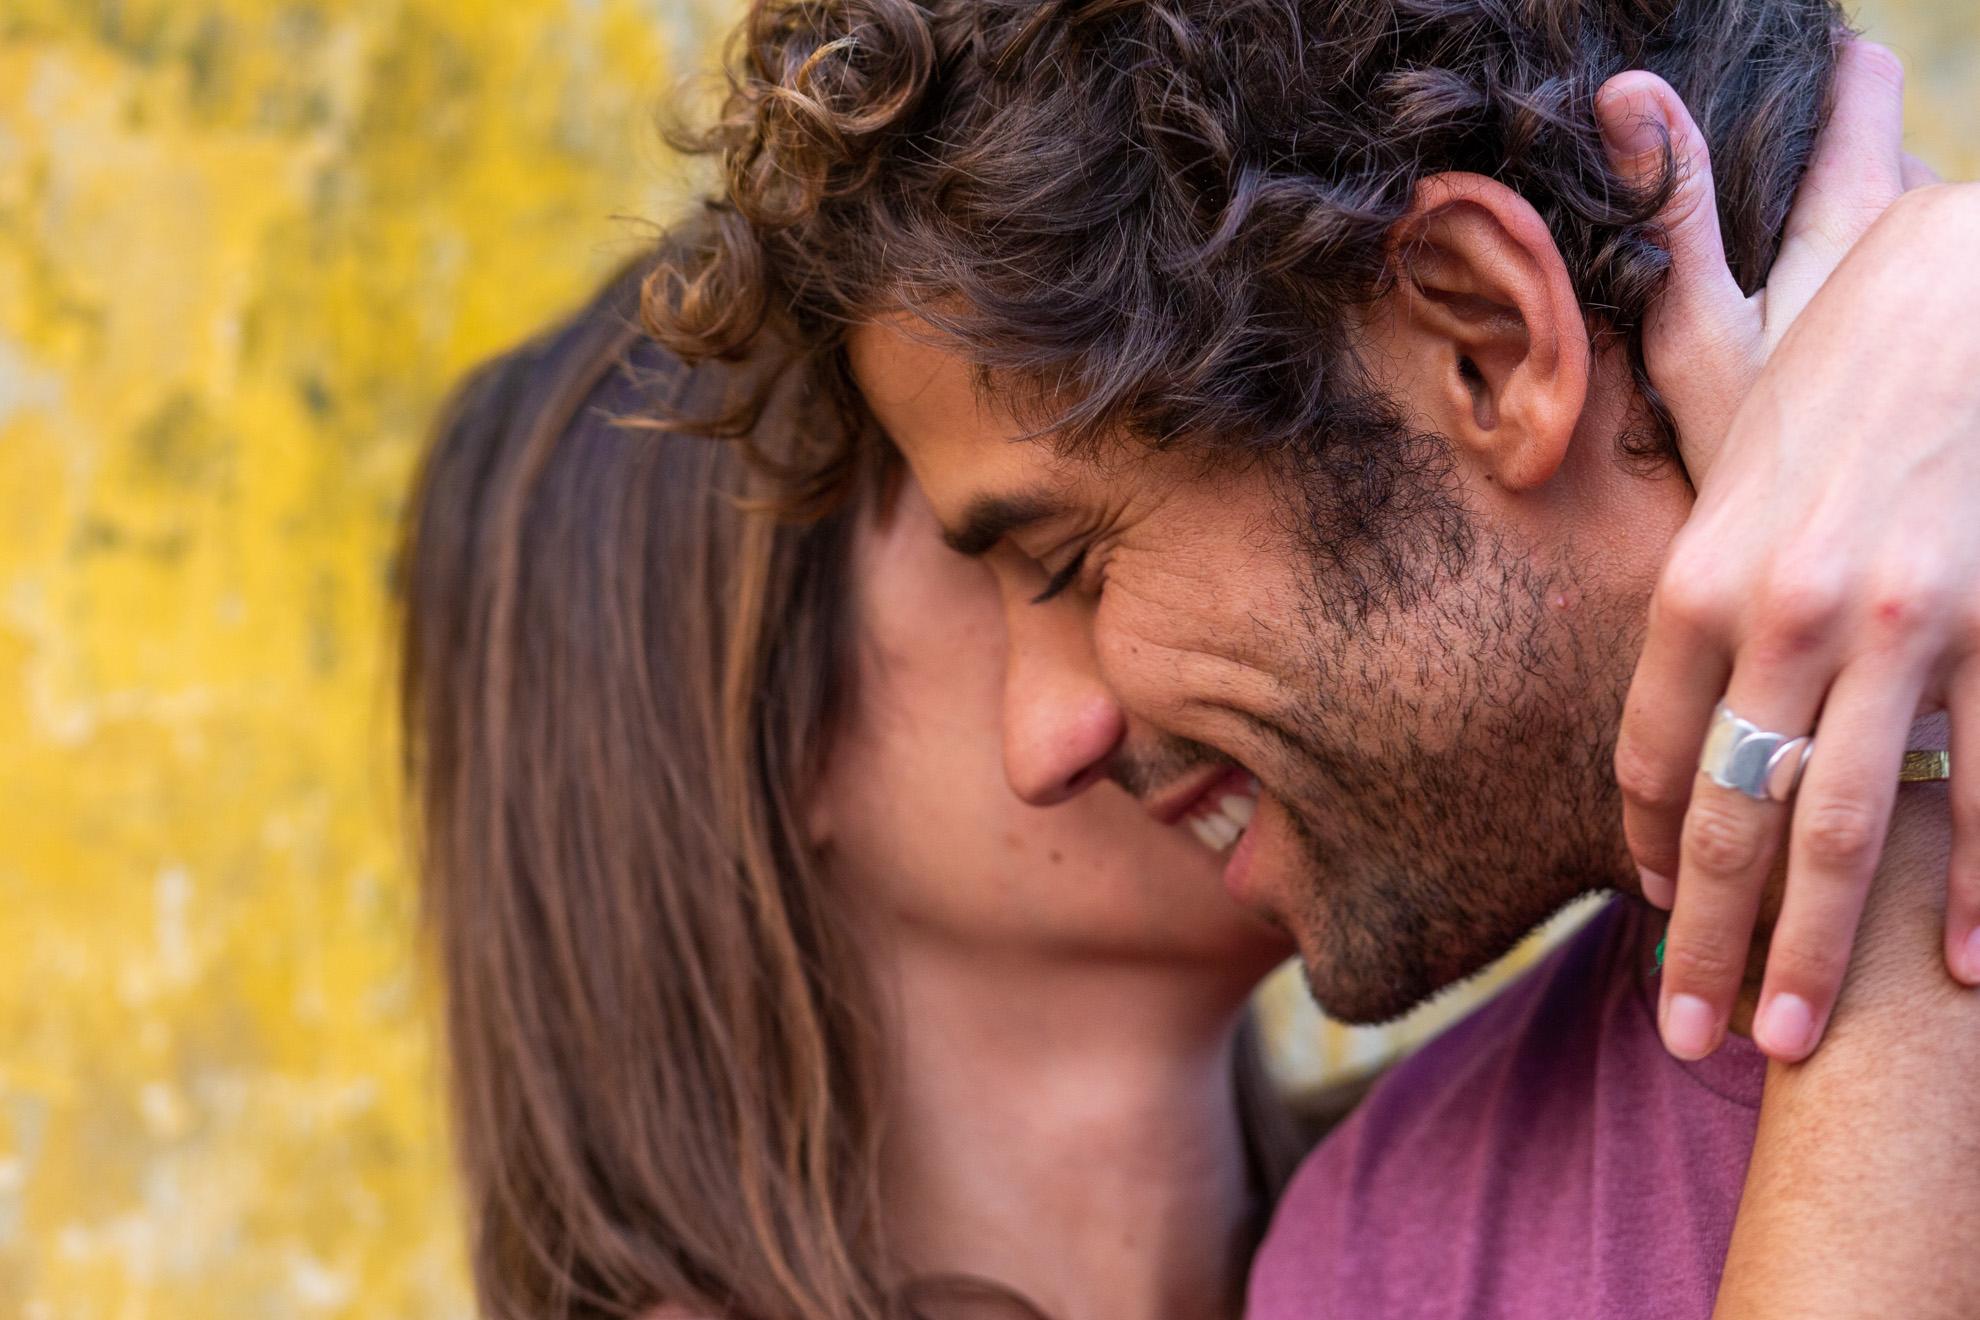 O Saillard Photographe - Benji y Julieta-005.jpg